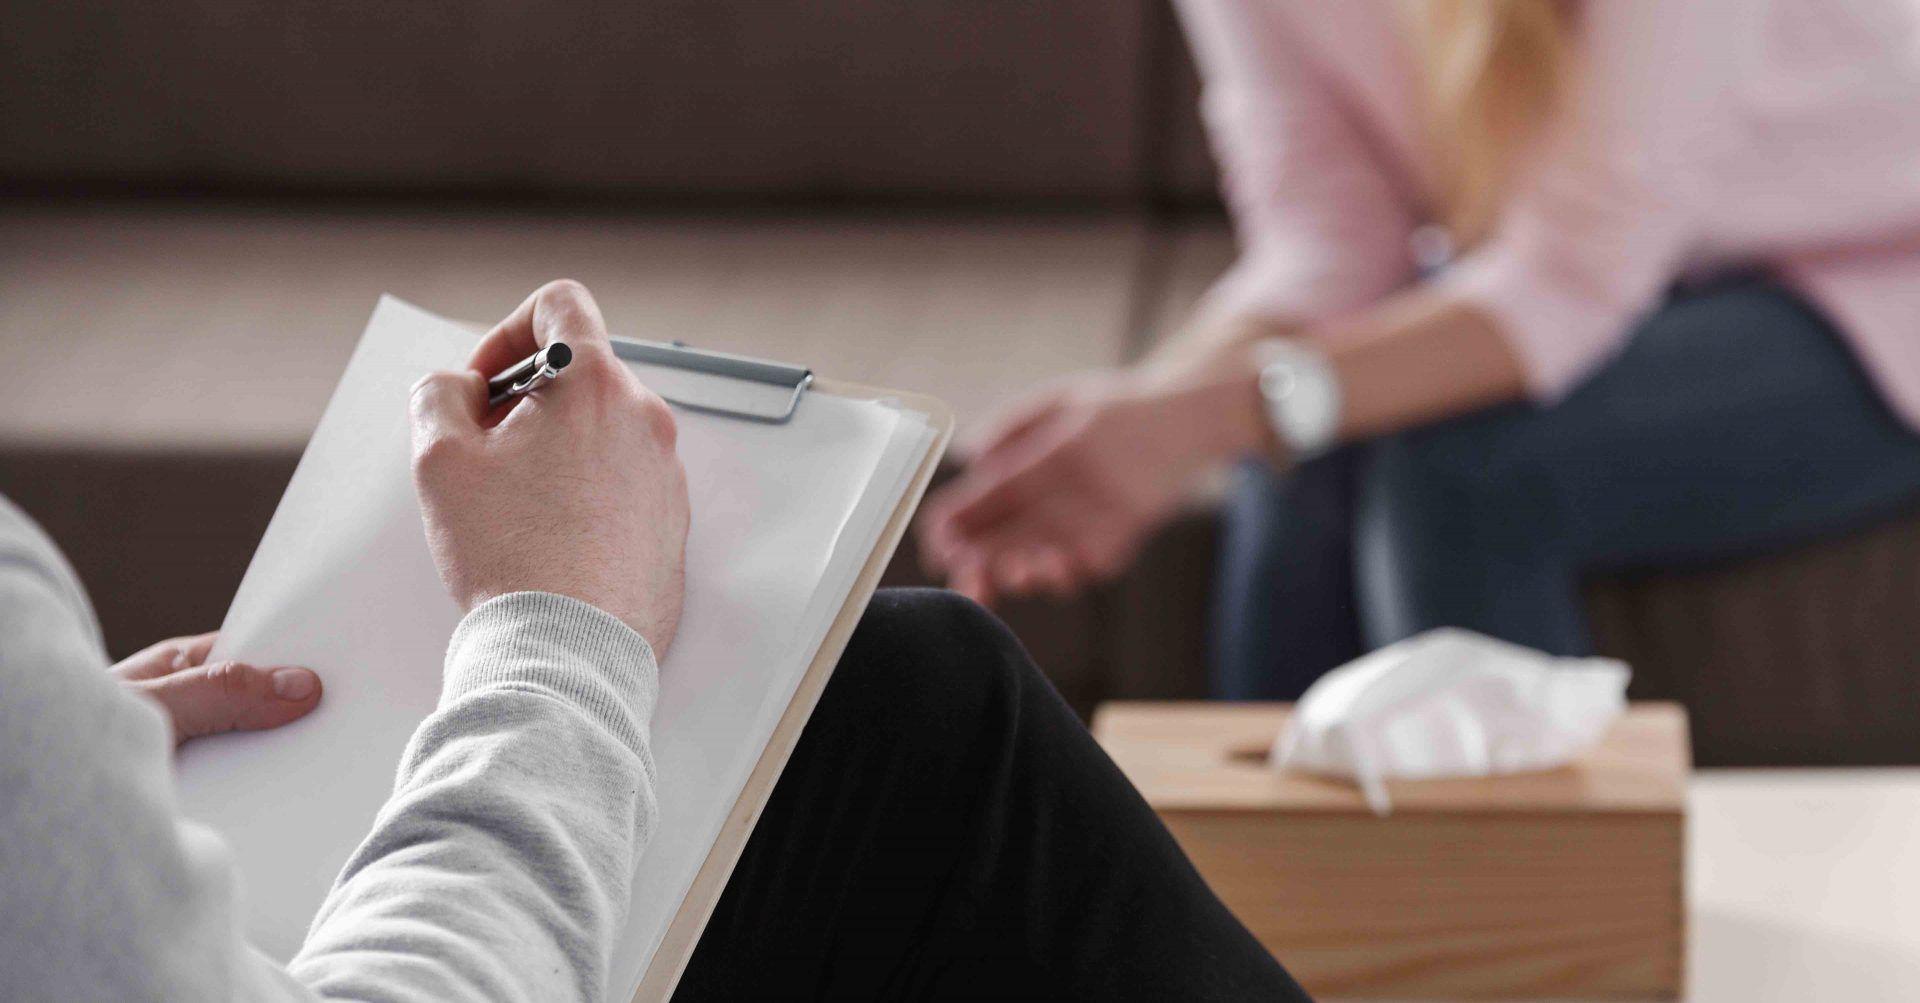 Psychiatrist | Psychologist